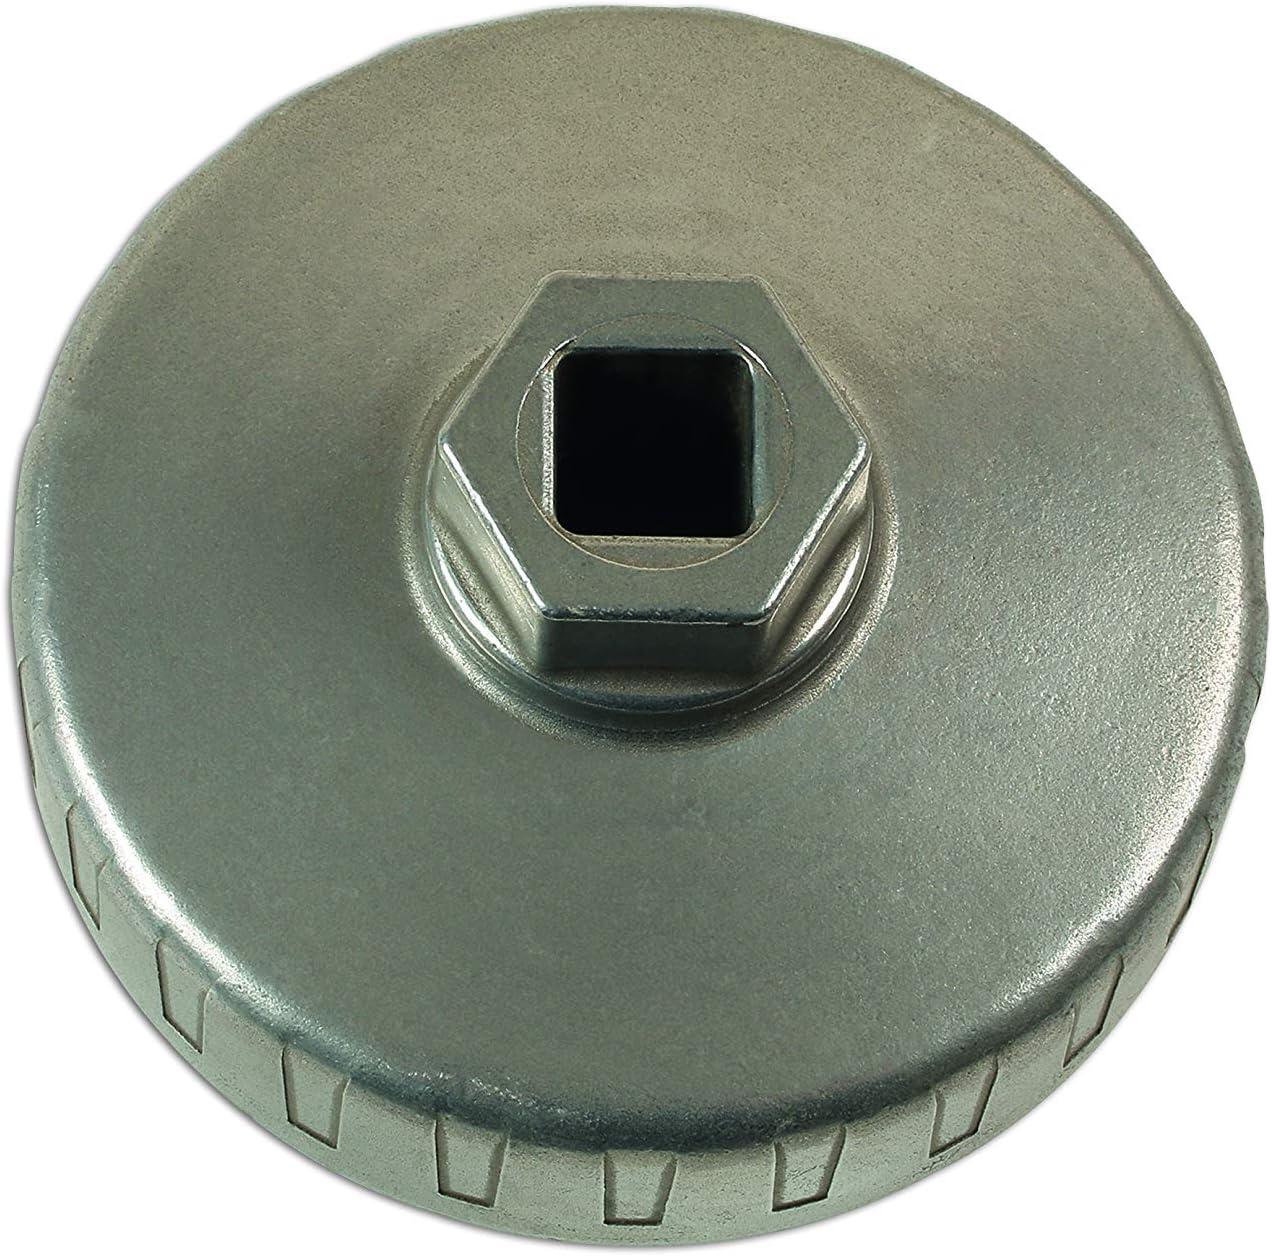 Laser 7259 Llave de filtro de aceite 84 mm x 15 flautas